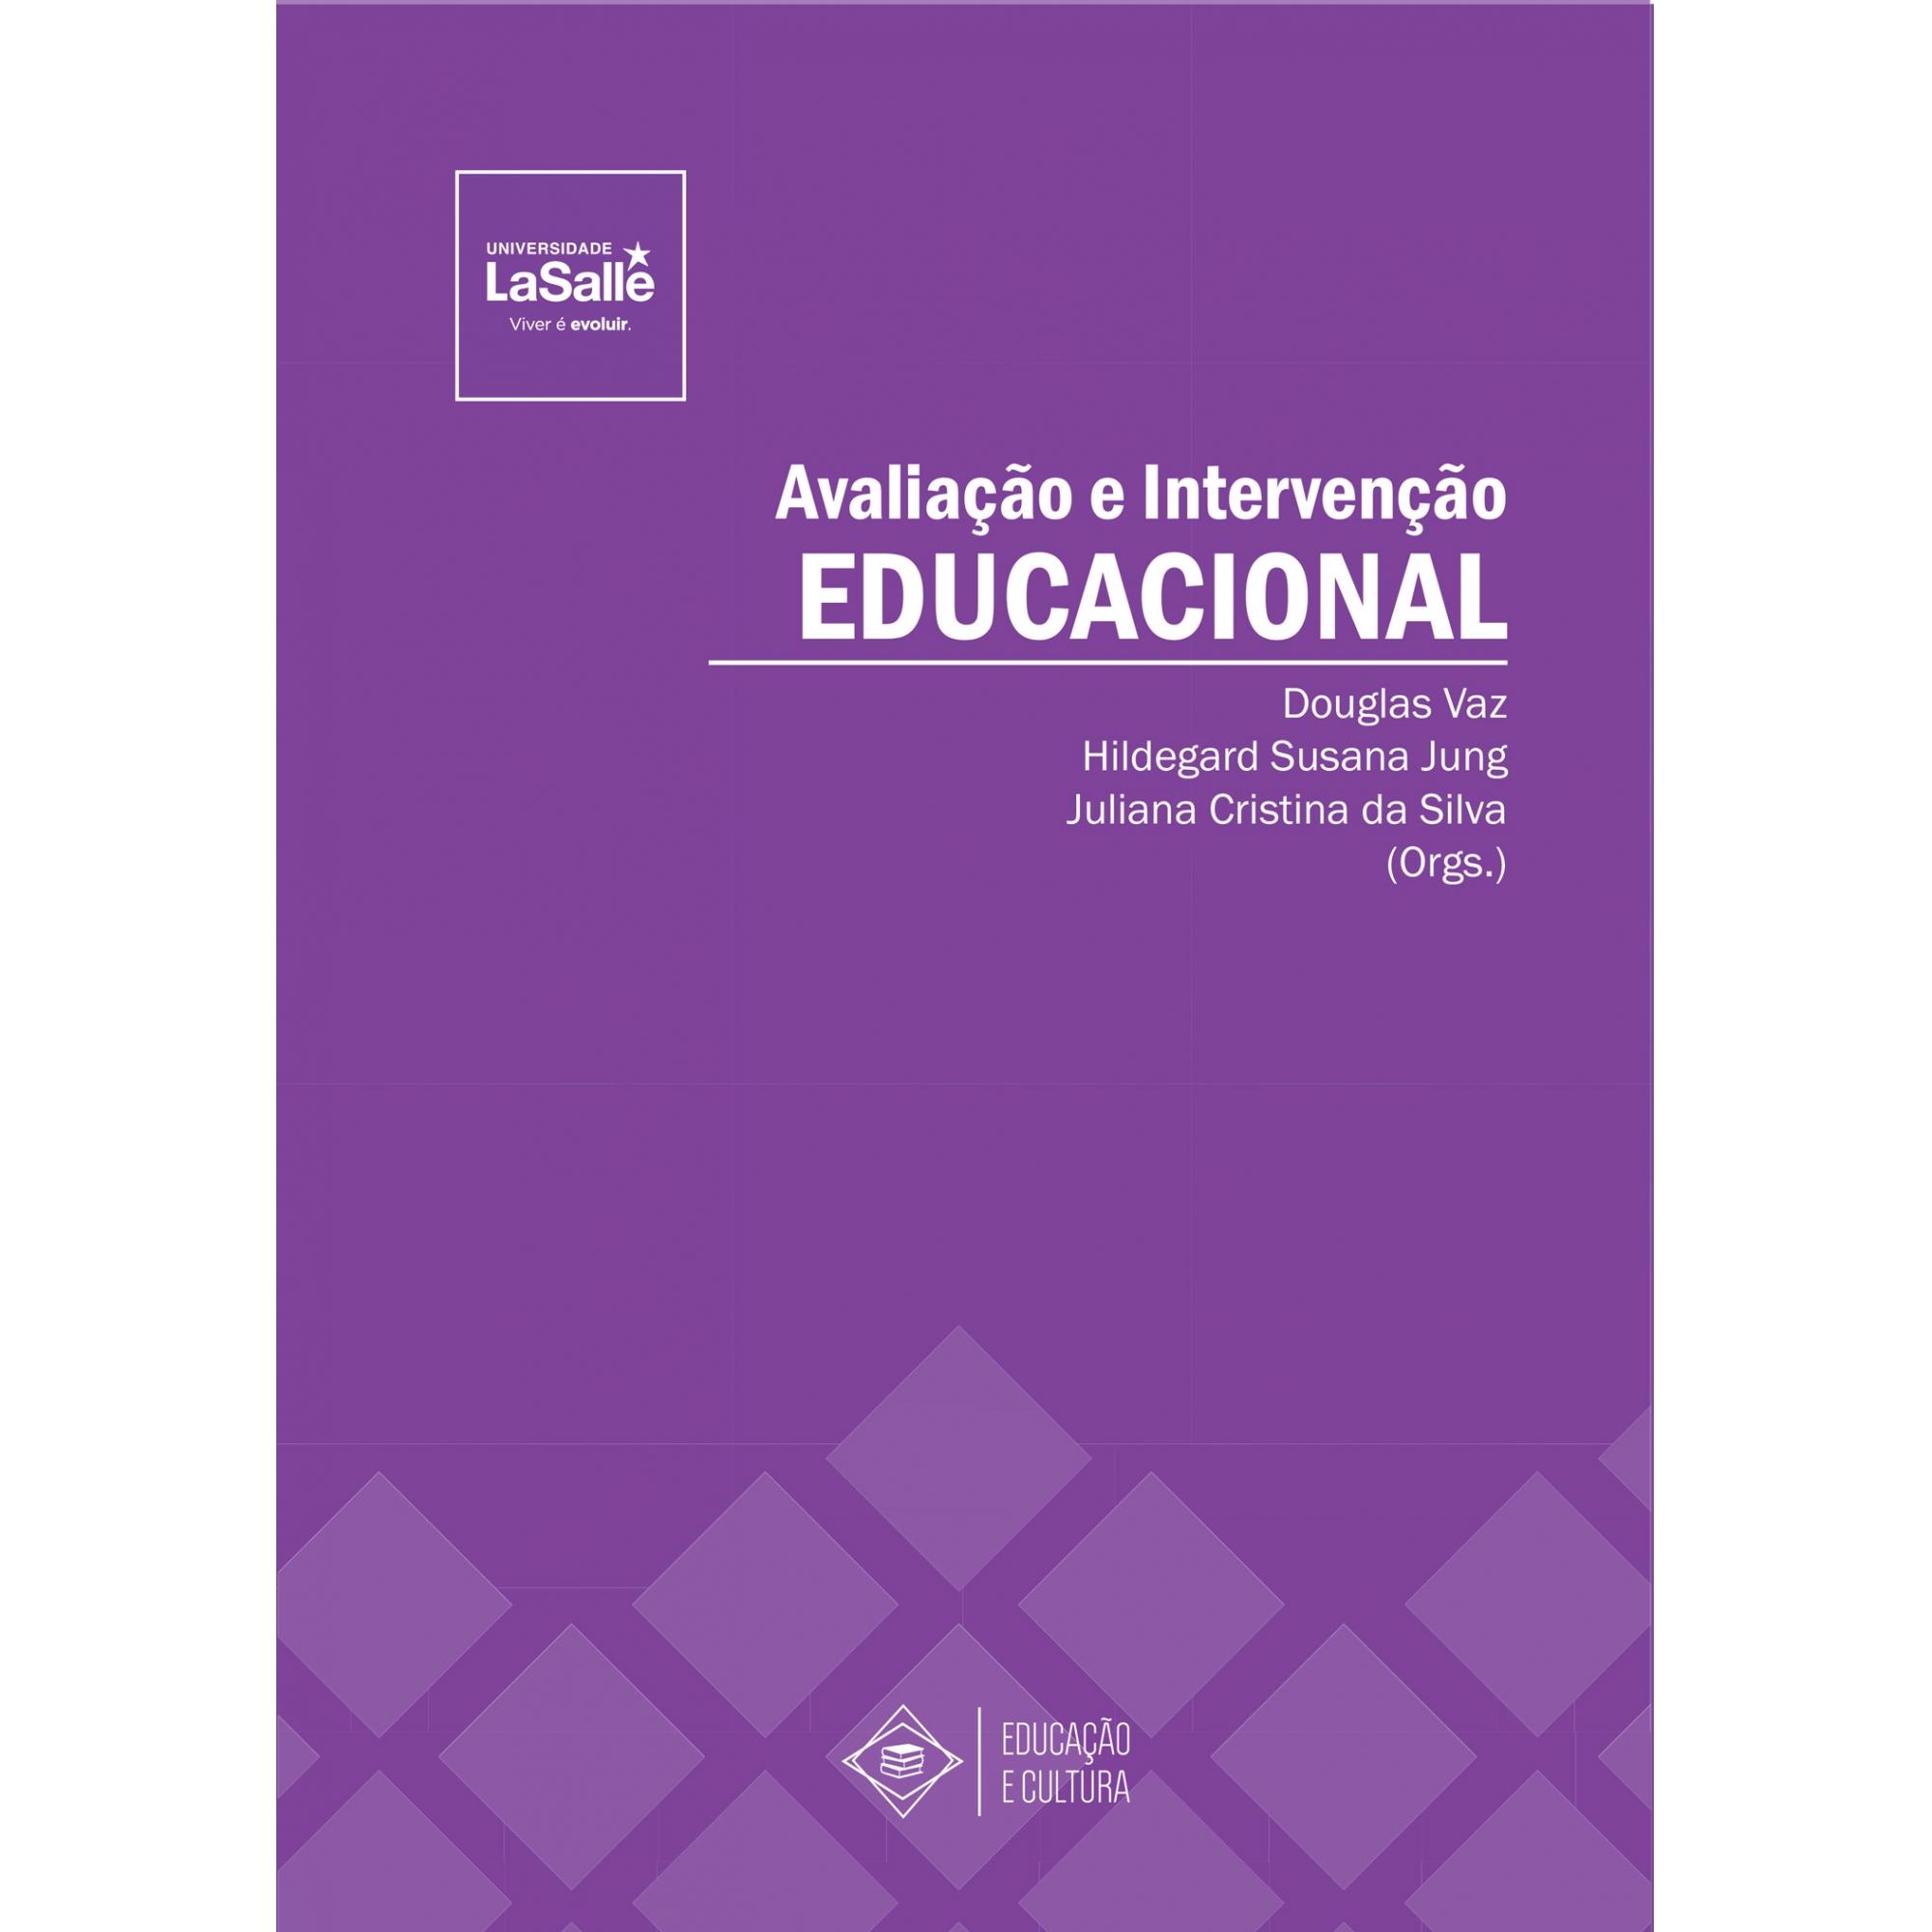 Avaliação e Intervenção Educacional